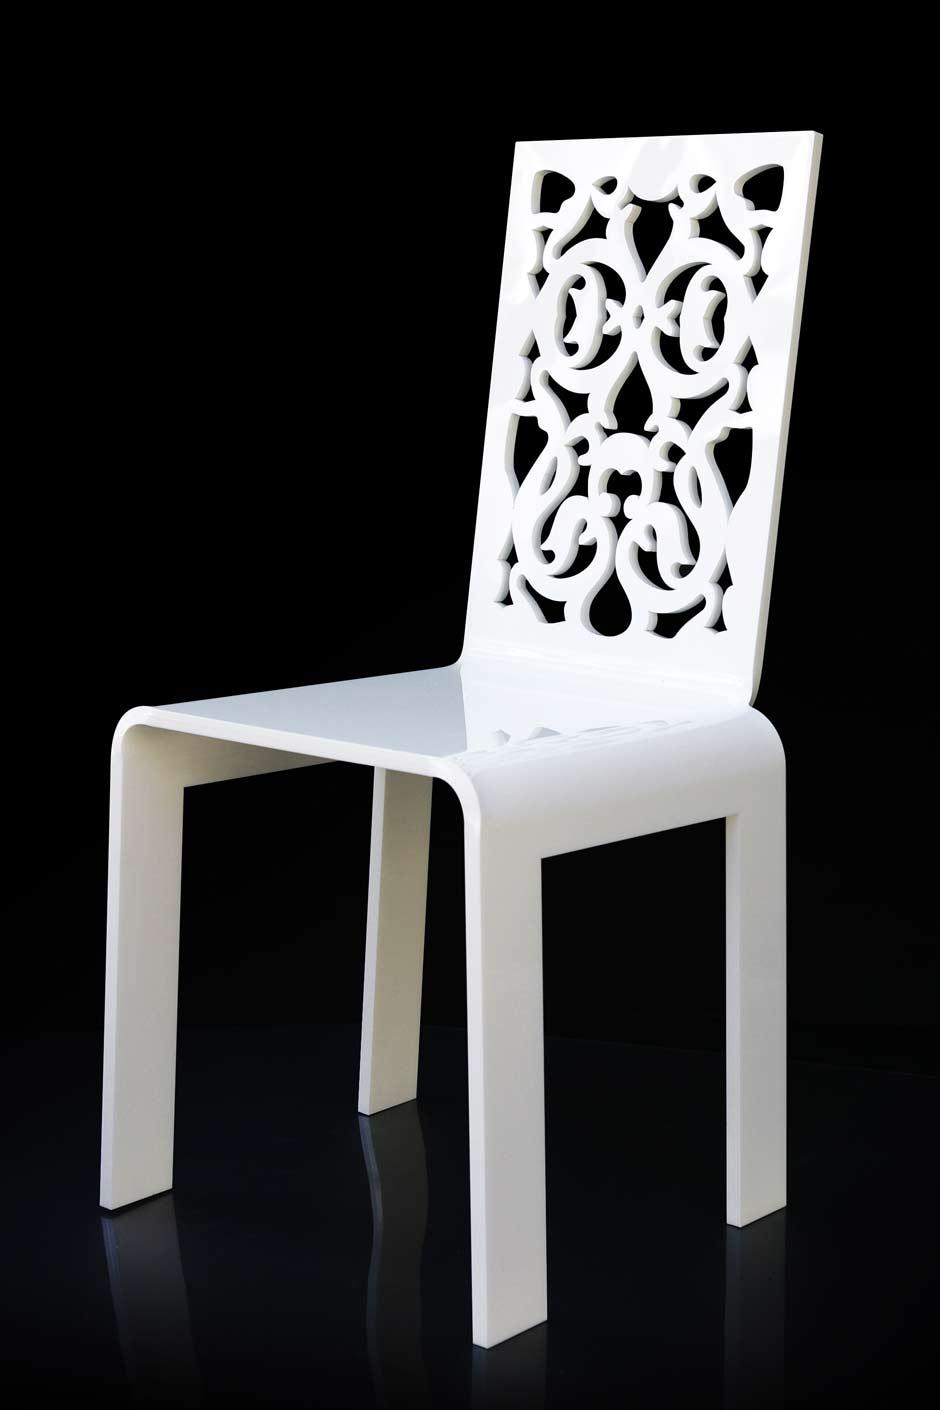 chaise grand soir dentelle blanche acrila sp cialiste du plexiglas r f 11030403. Black Bedroom Furniture Sets. Home Design Ideas